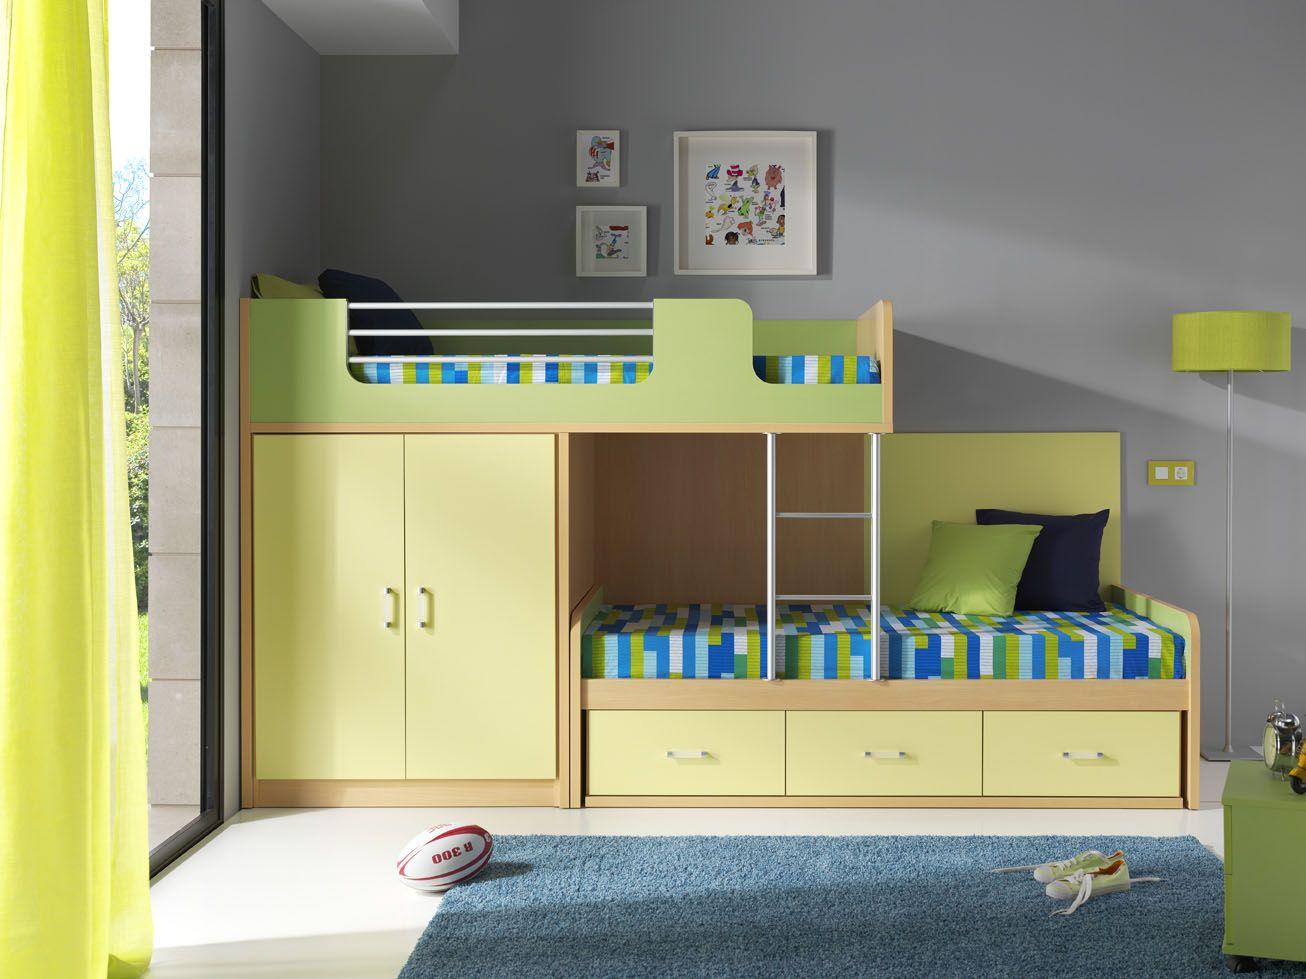 Dormitorios Con Literas Juveniles Buscar Con Google Mi Cuarto  ~ Literas Juveniles El Corte Ingles